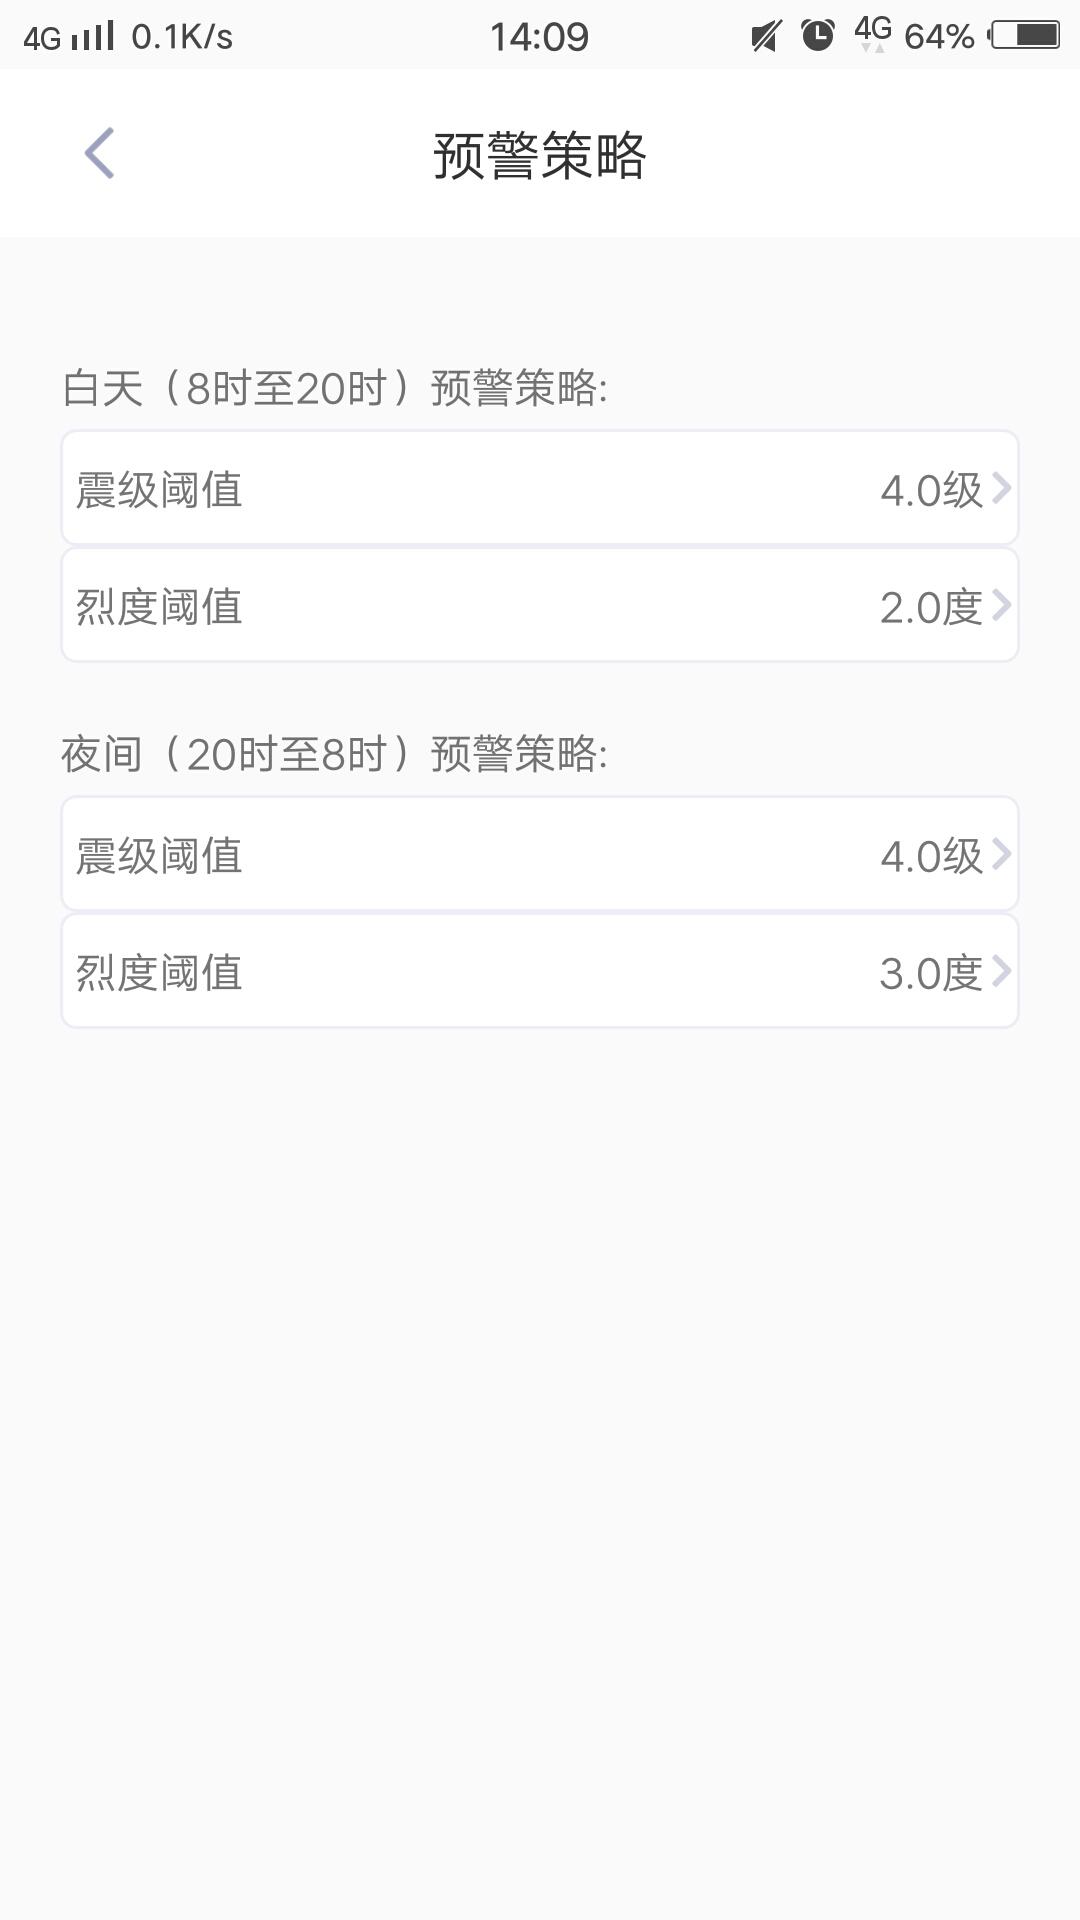 中国地震预警app